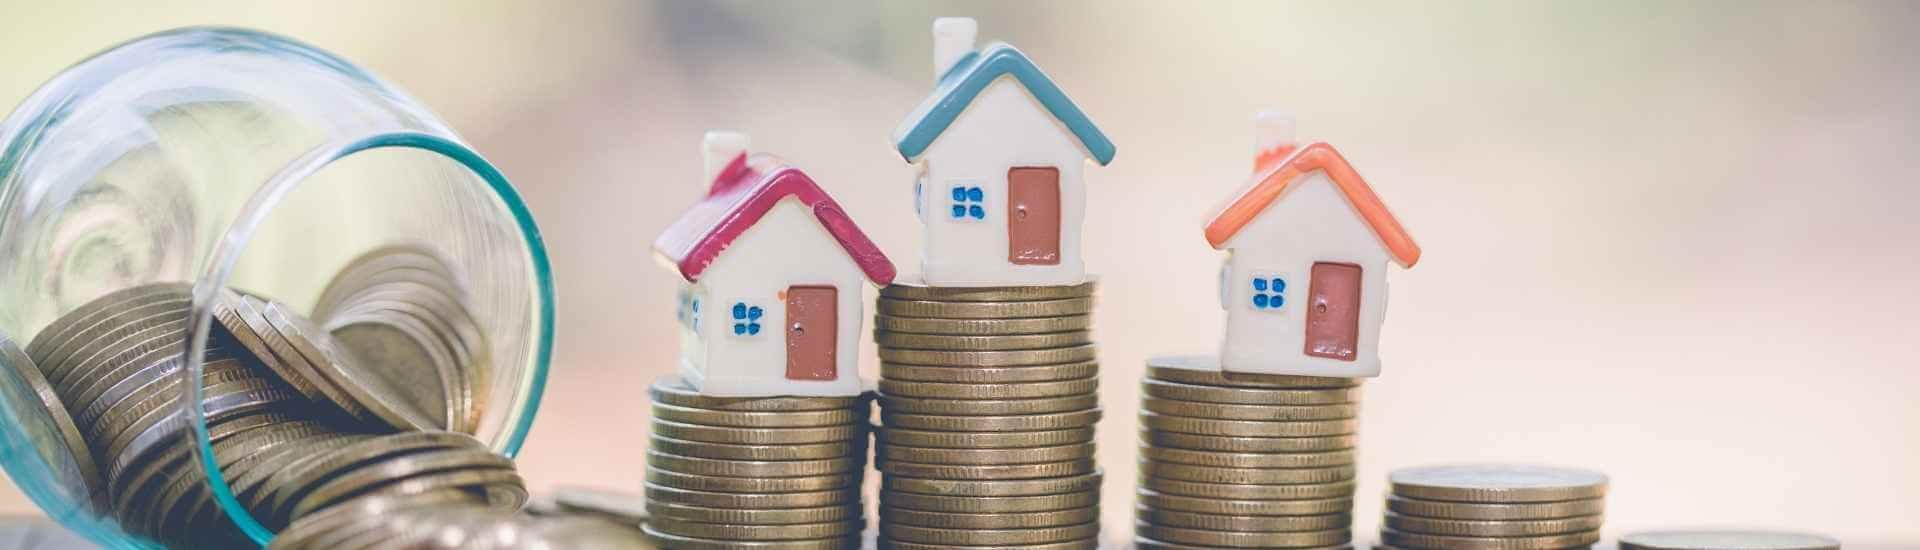 Como ganhar dinheiro com um imóvel de aluguel por temporada